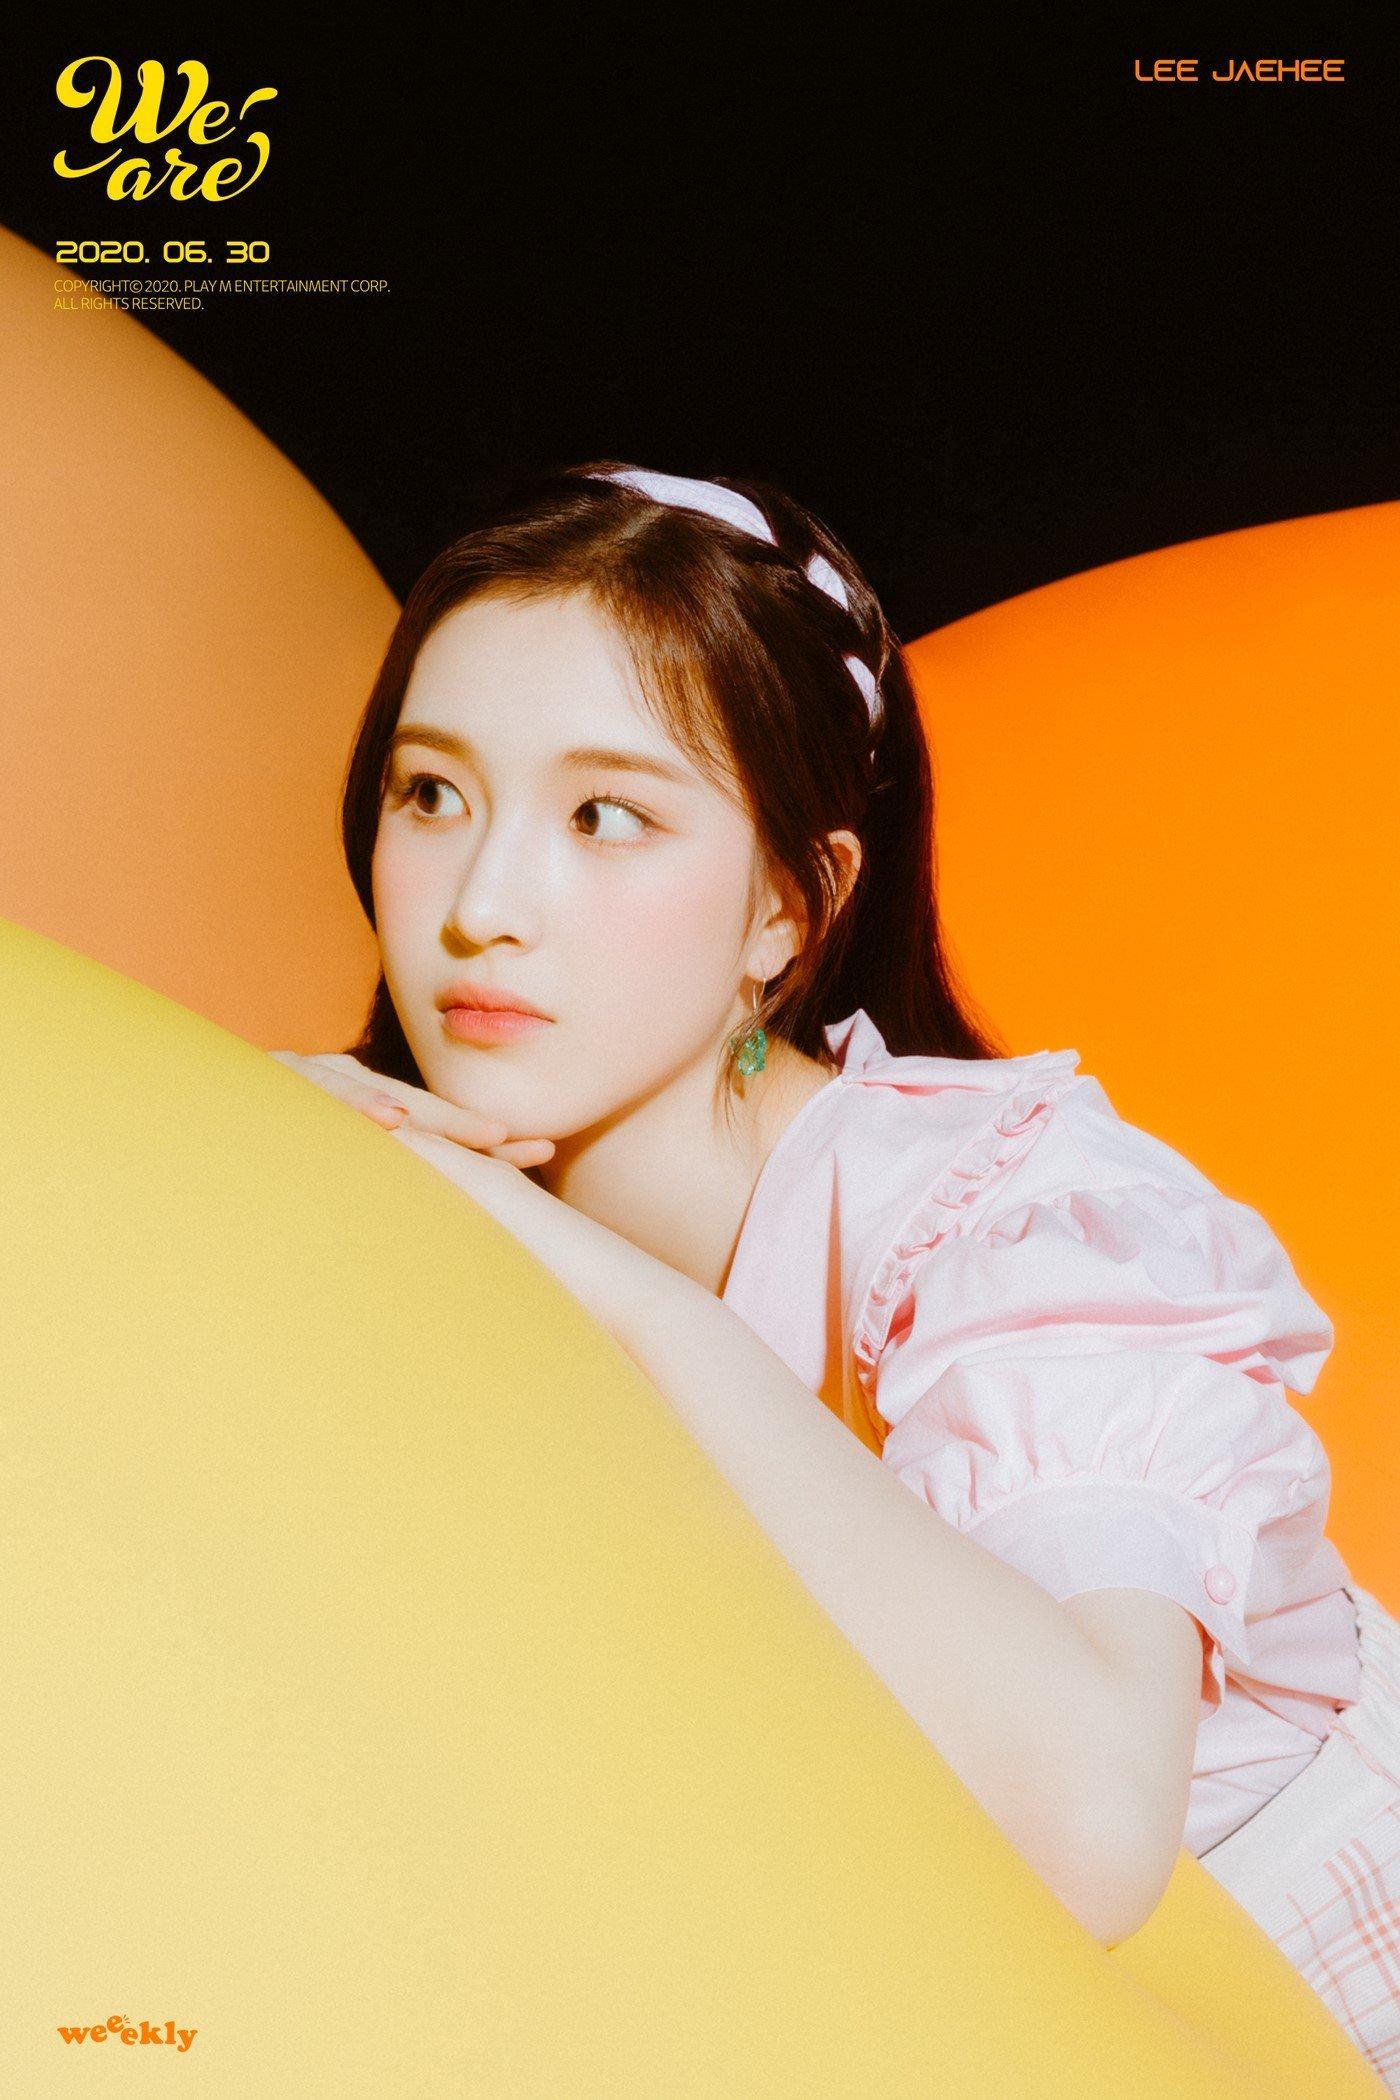 idol nữ Jaehee (Weeekly)